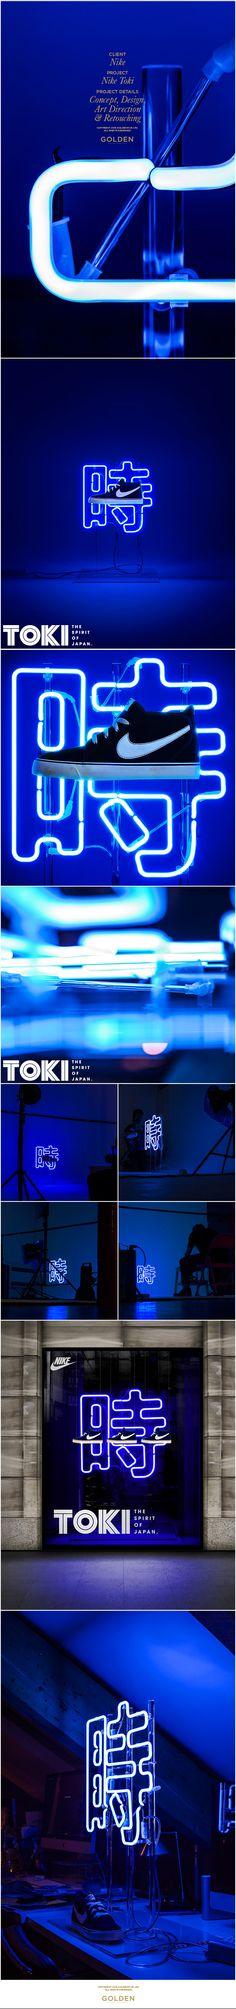 Nike Toki on Behance